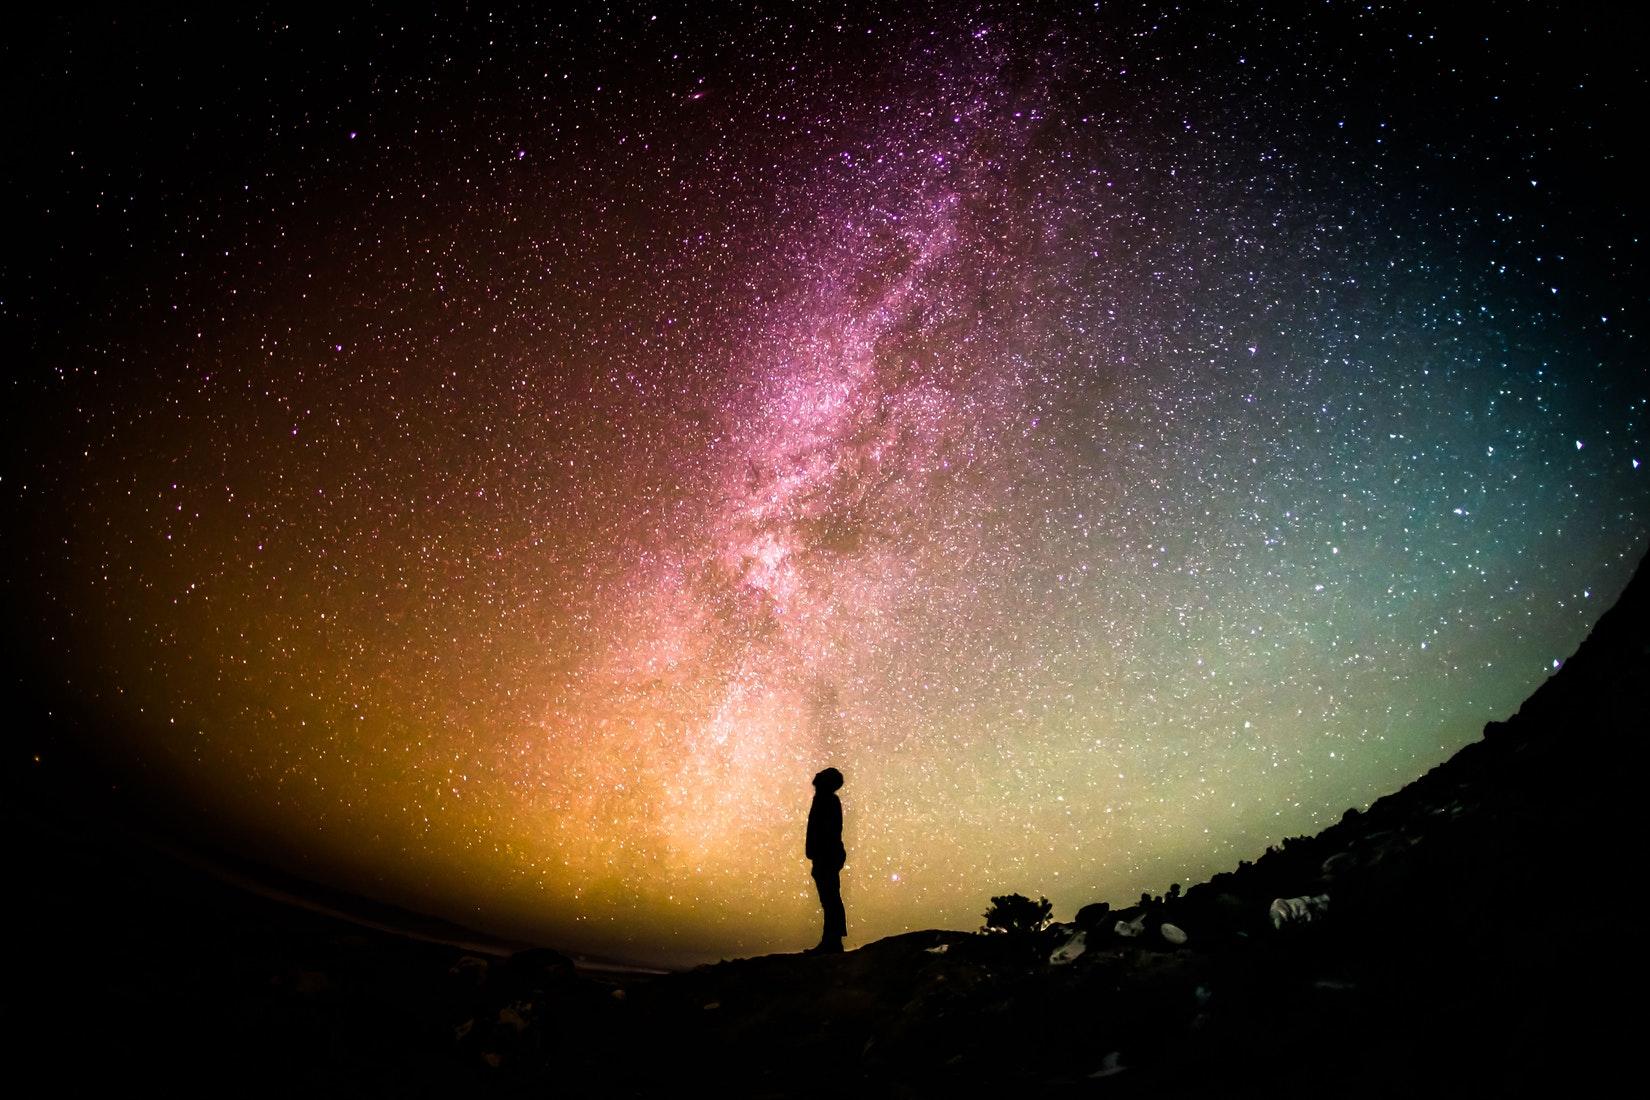 Un argumento para la existencia de Dios basado en el Corán contempla que no hay razón para negar Su existencia, sino que las hay para afirmarla.